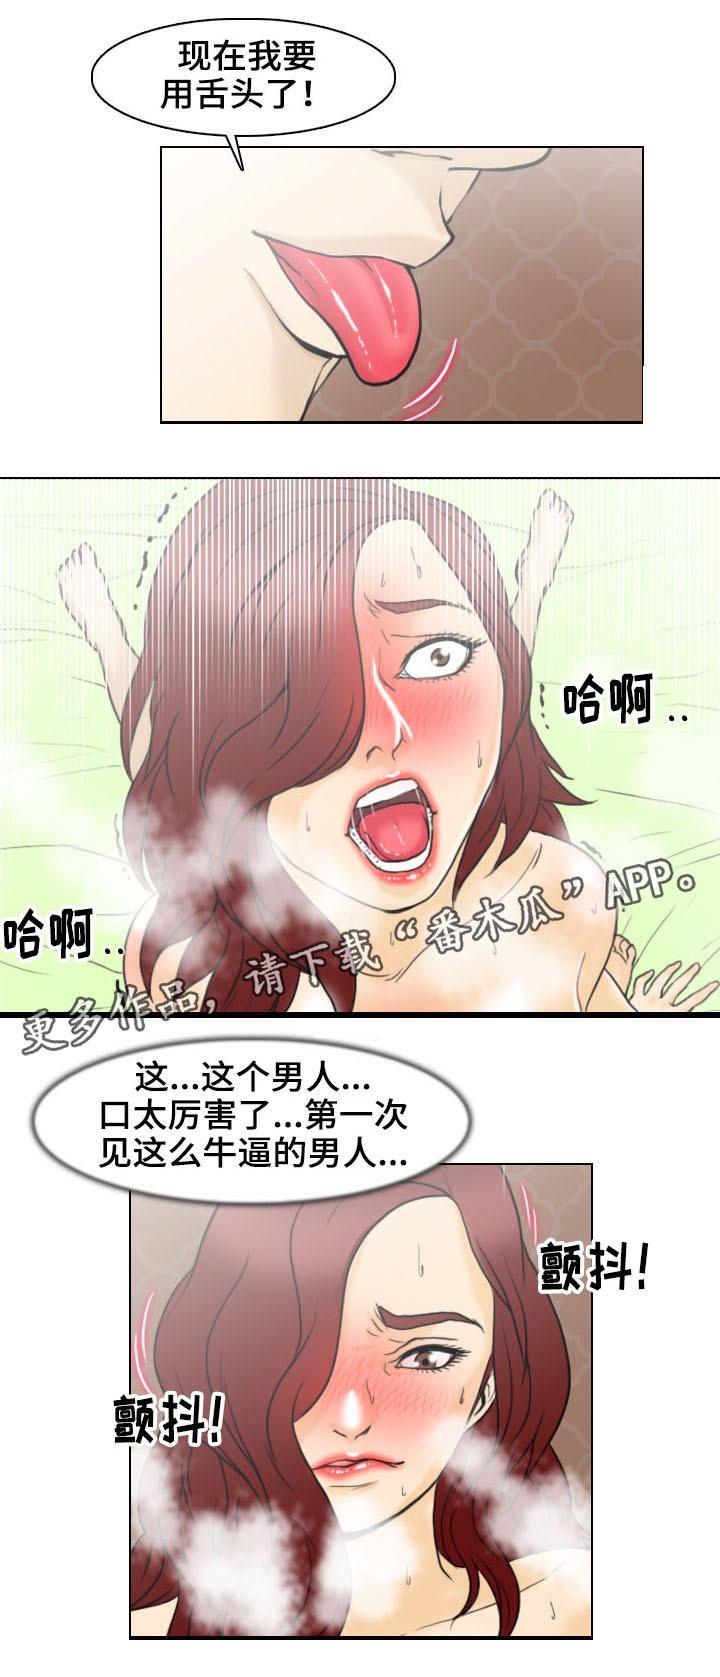 恋爱韩漫:《夺命线索》 第10-12话-天狐阅读